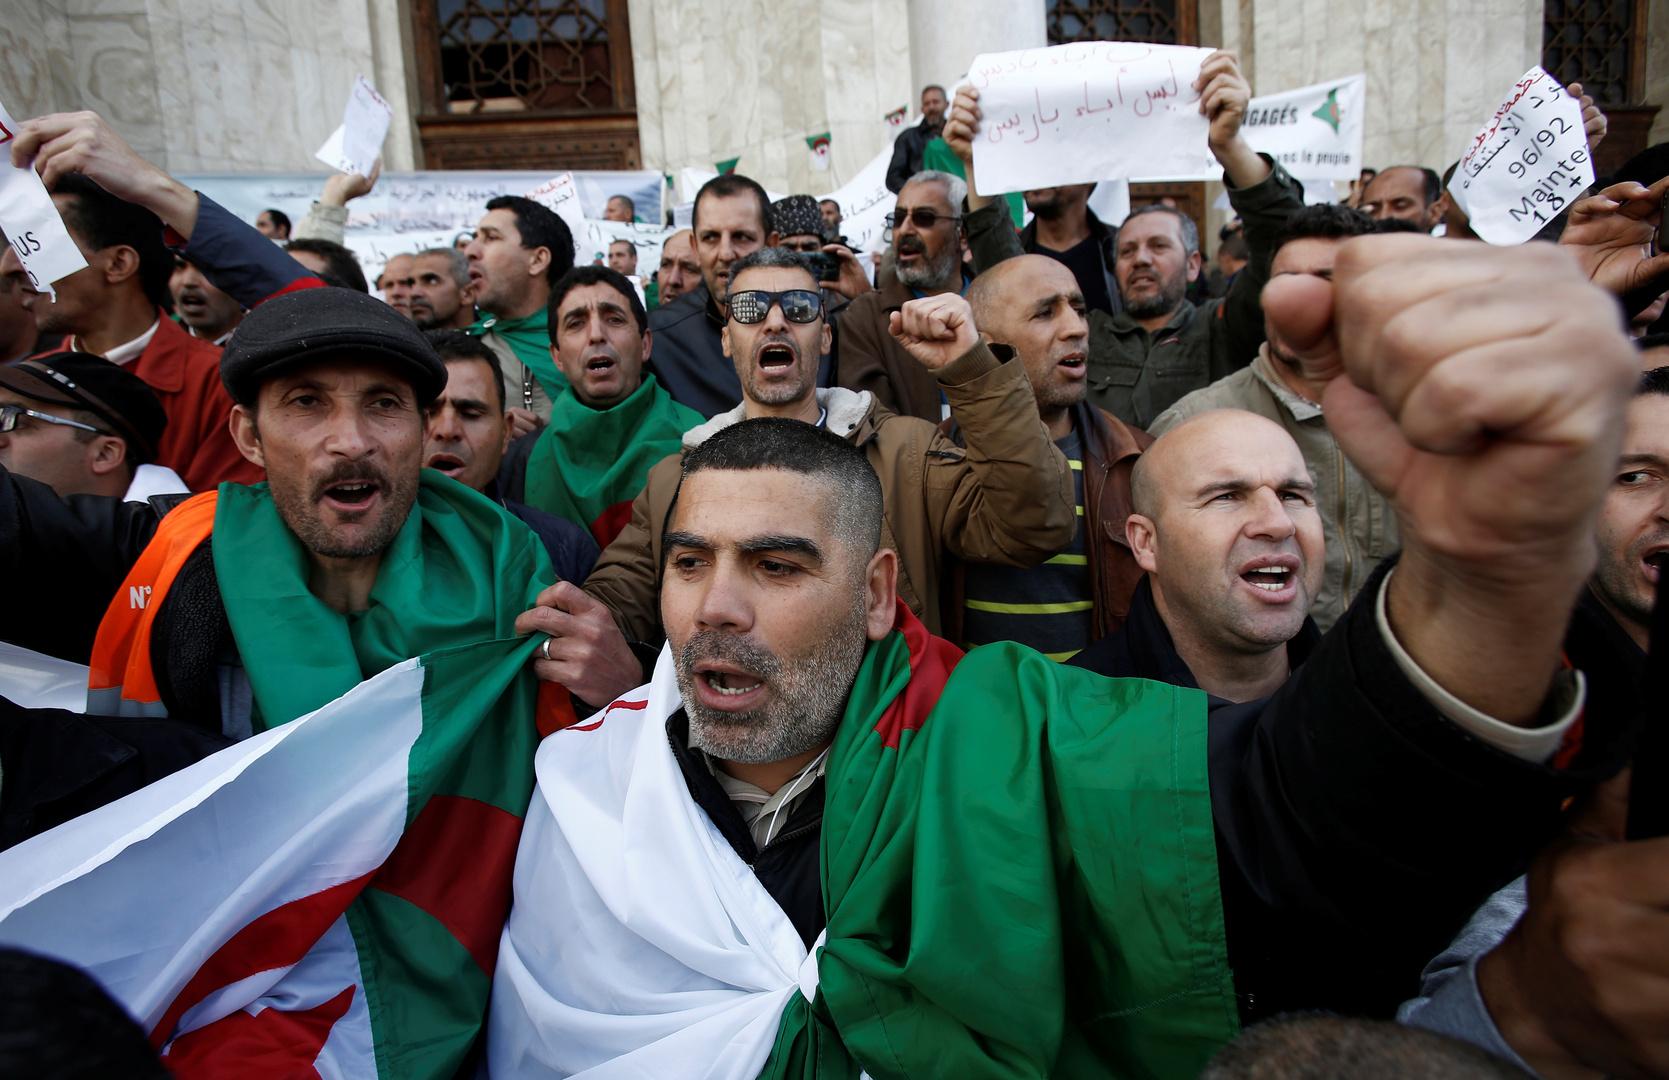 قناة فرنسية تثير غضب الجزائريين: الحراك الشعبي في الجزائر